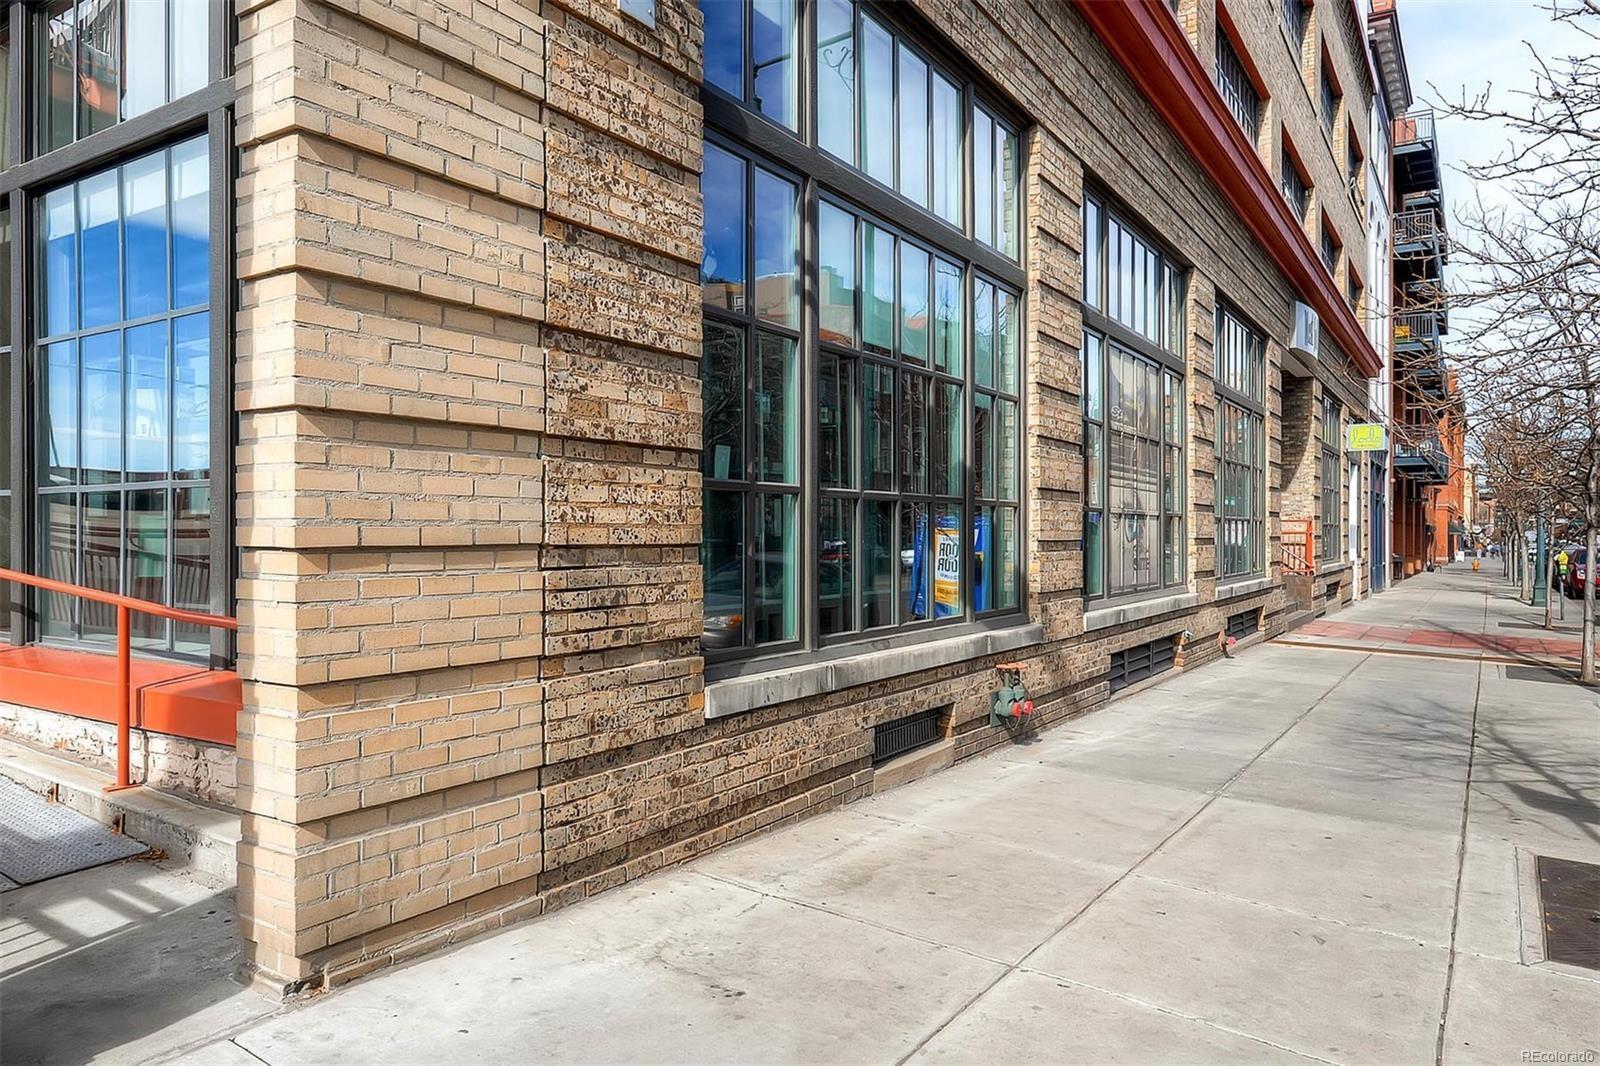 MLS# 3235893 - 19 - 1435 Wazee Street #502, Denver, CO 80202